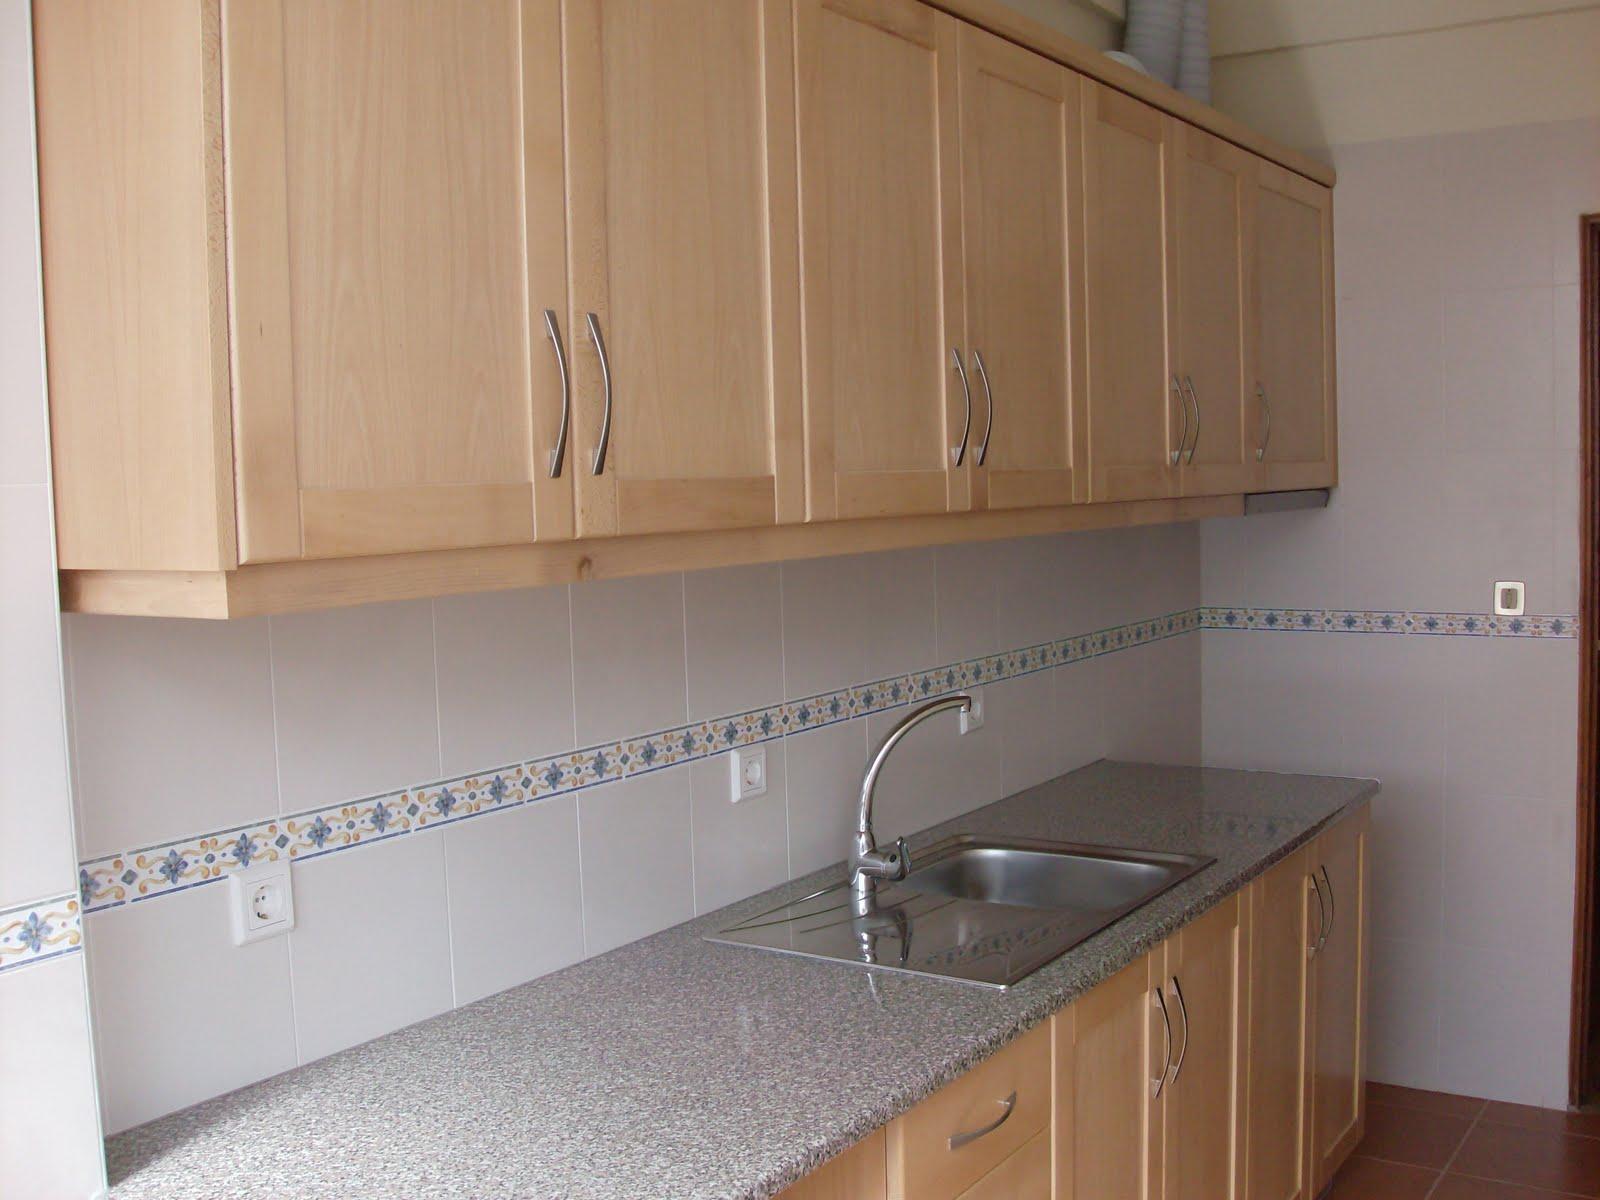 Cozinha em madeira de faía (cor natural). #8C643F 1600x1200